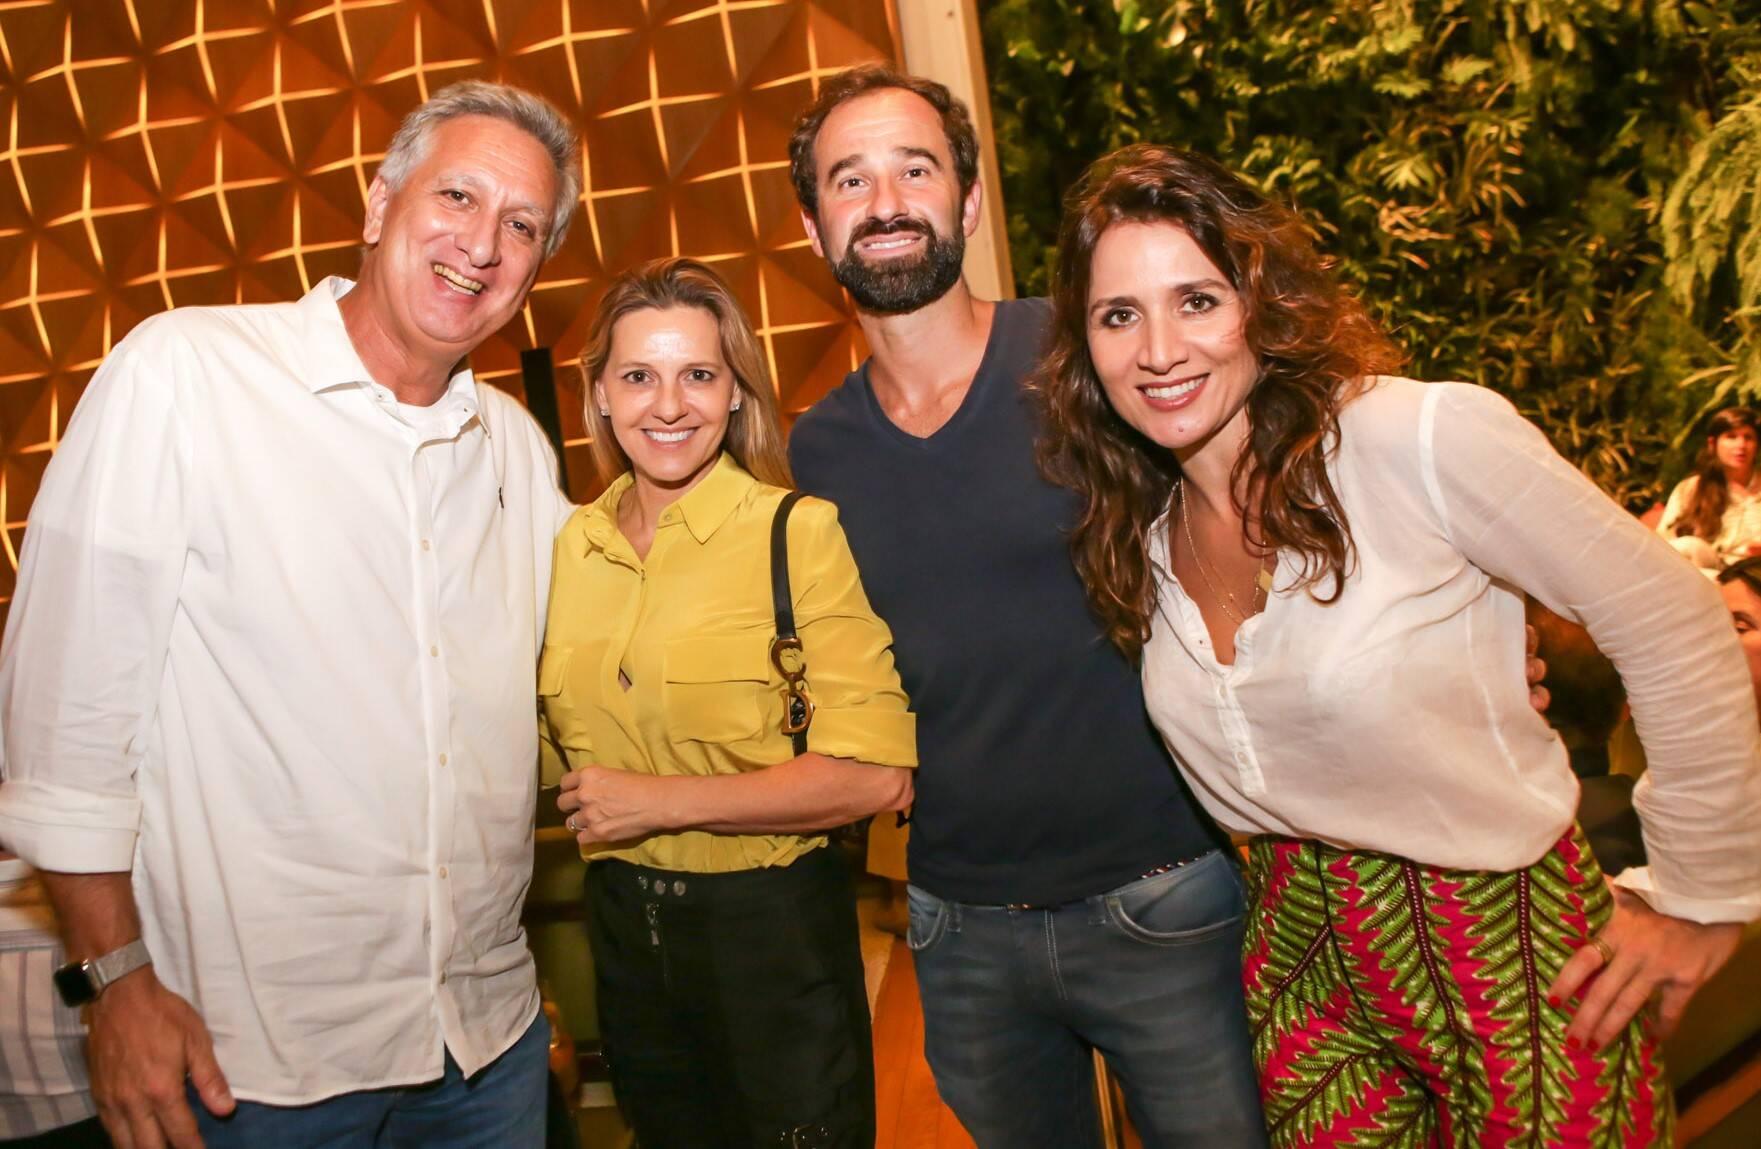 Marcus Vinicius Freire, Claudia Liechavicius, Giulio Visconde e Chiara Civello  /Foto: Gianne Carvalho